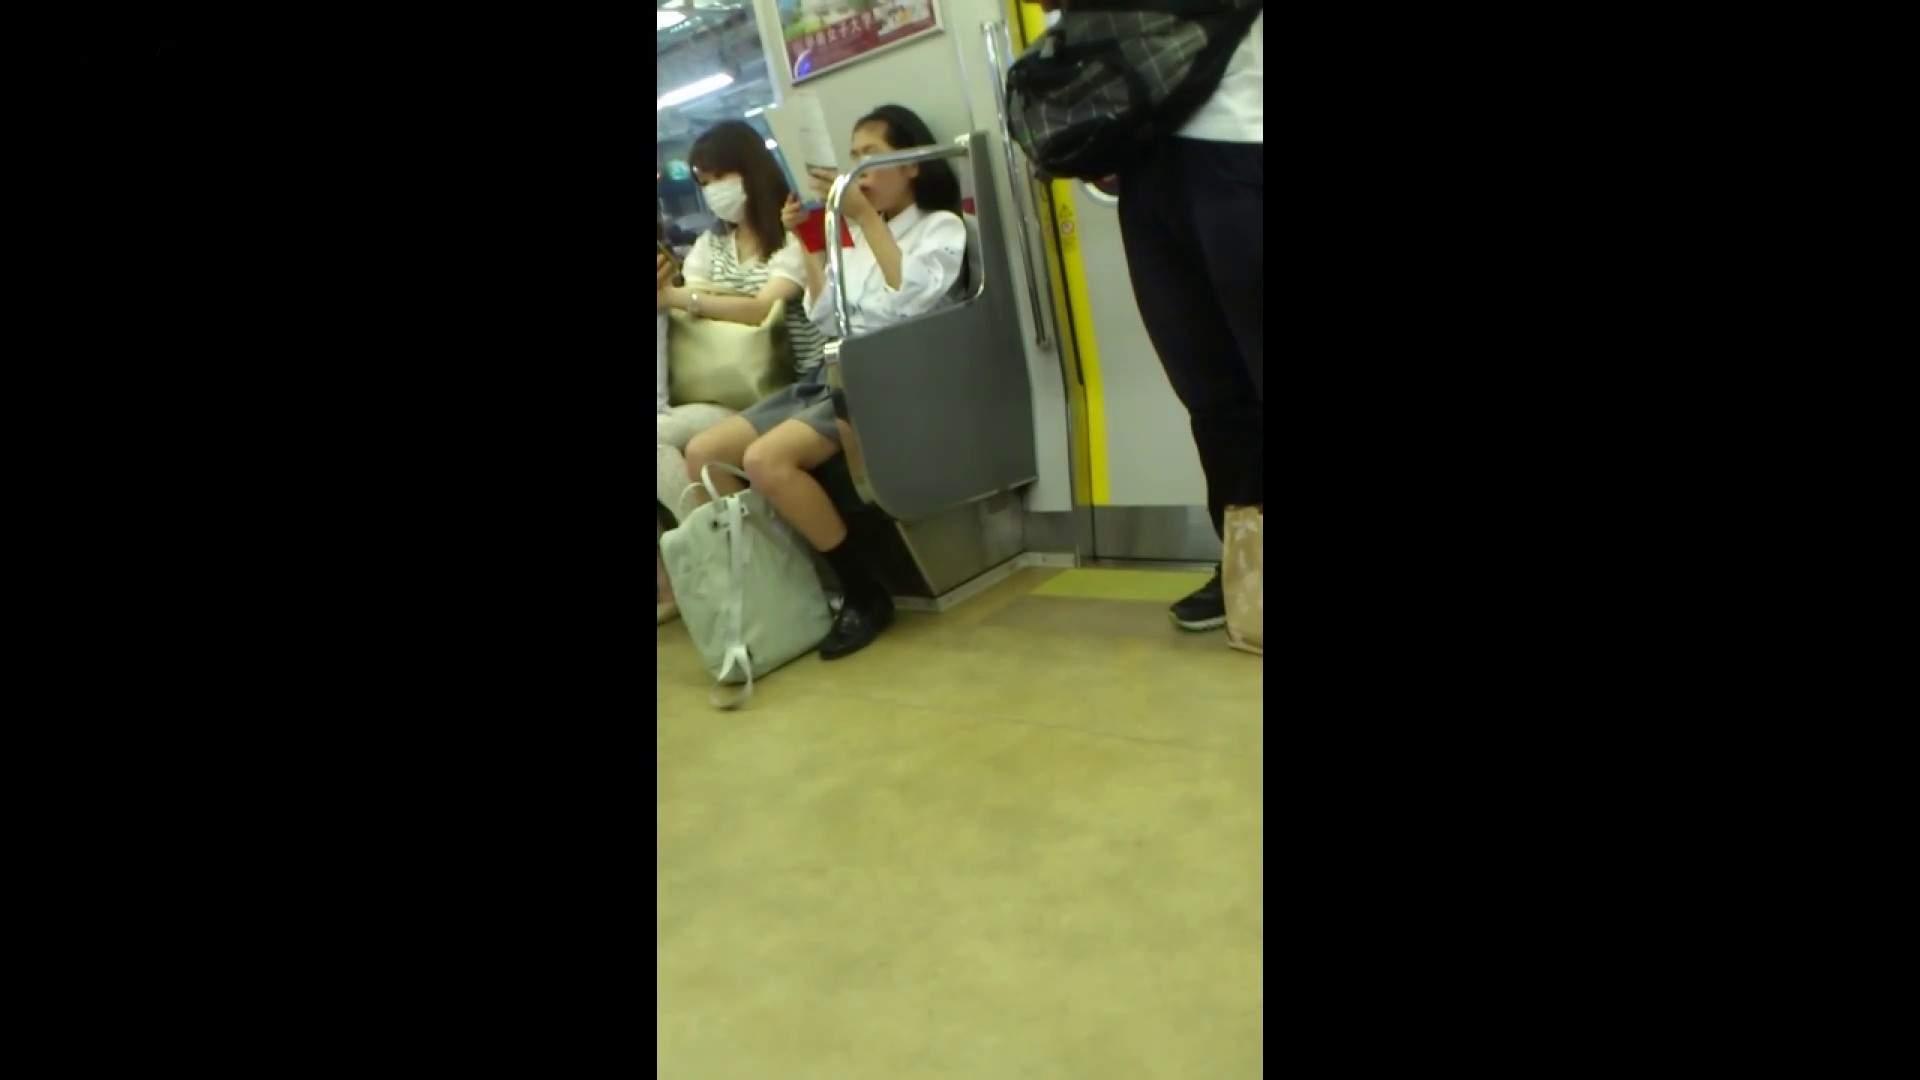 盗撮列車 vol.05 制月反のスカートの中が…見たいです。 期間限定 のぞきおめこ無修正画像 42pic 11